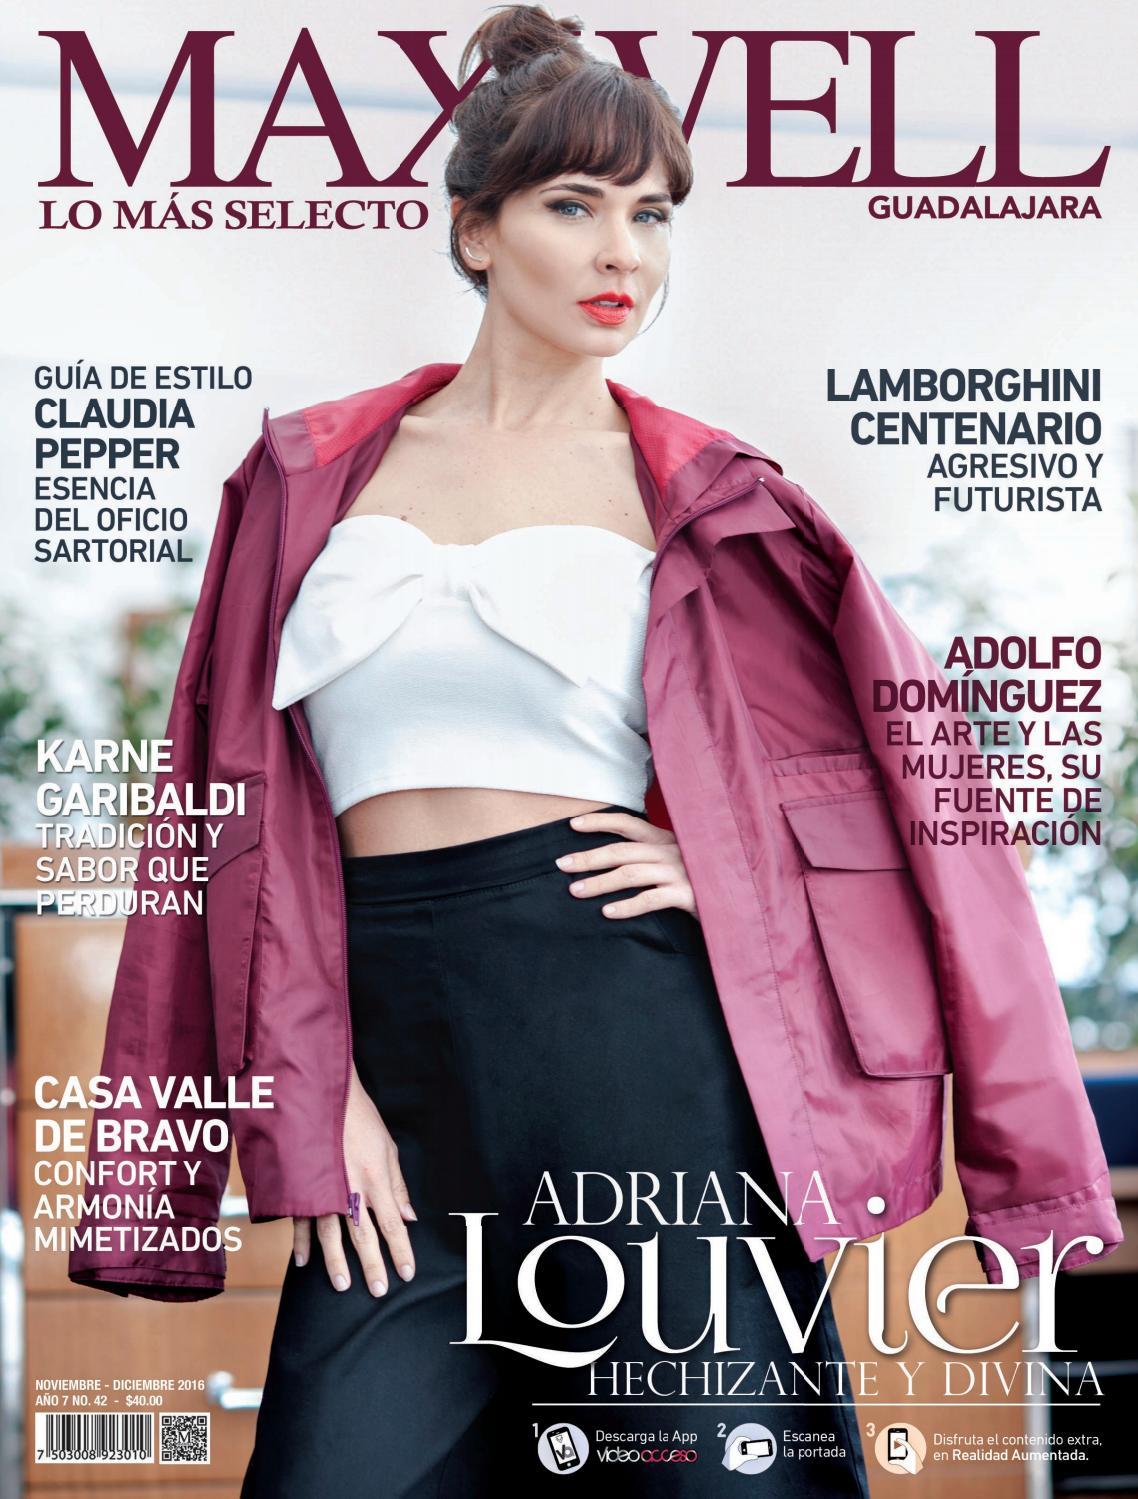 Revista Maxwell Guadalajara Ed. 42 by Grupo Editorial Maxwell - issuu